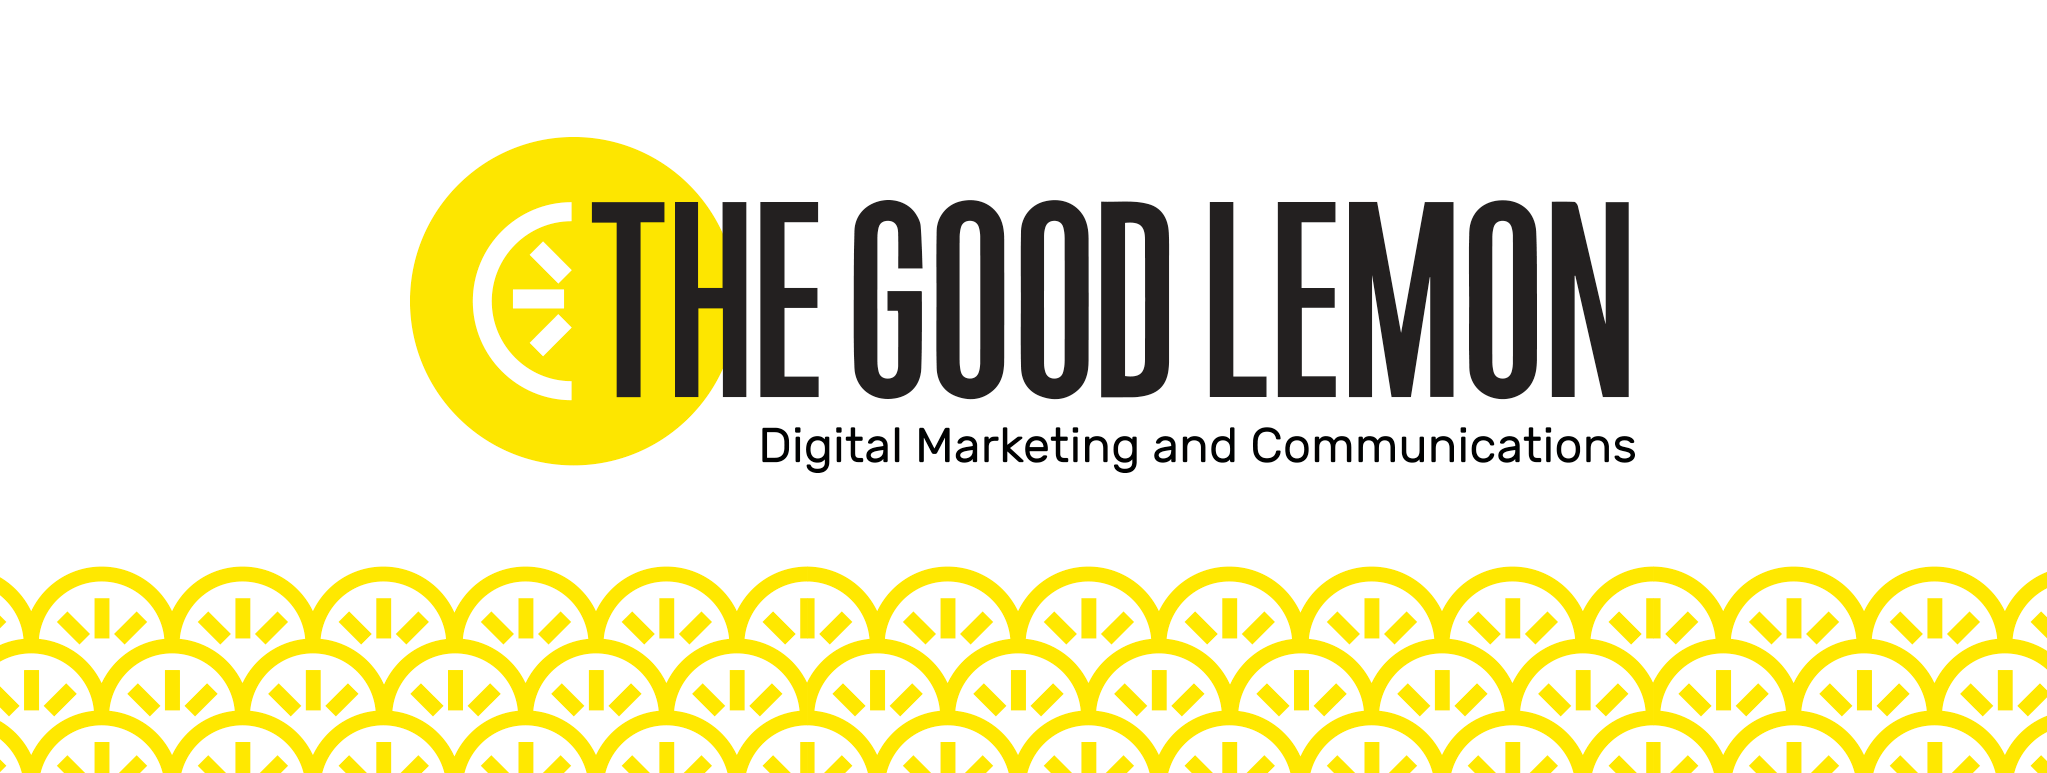 The Good Lemon Logo